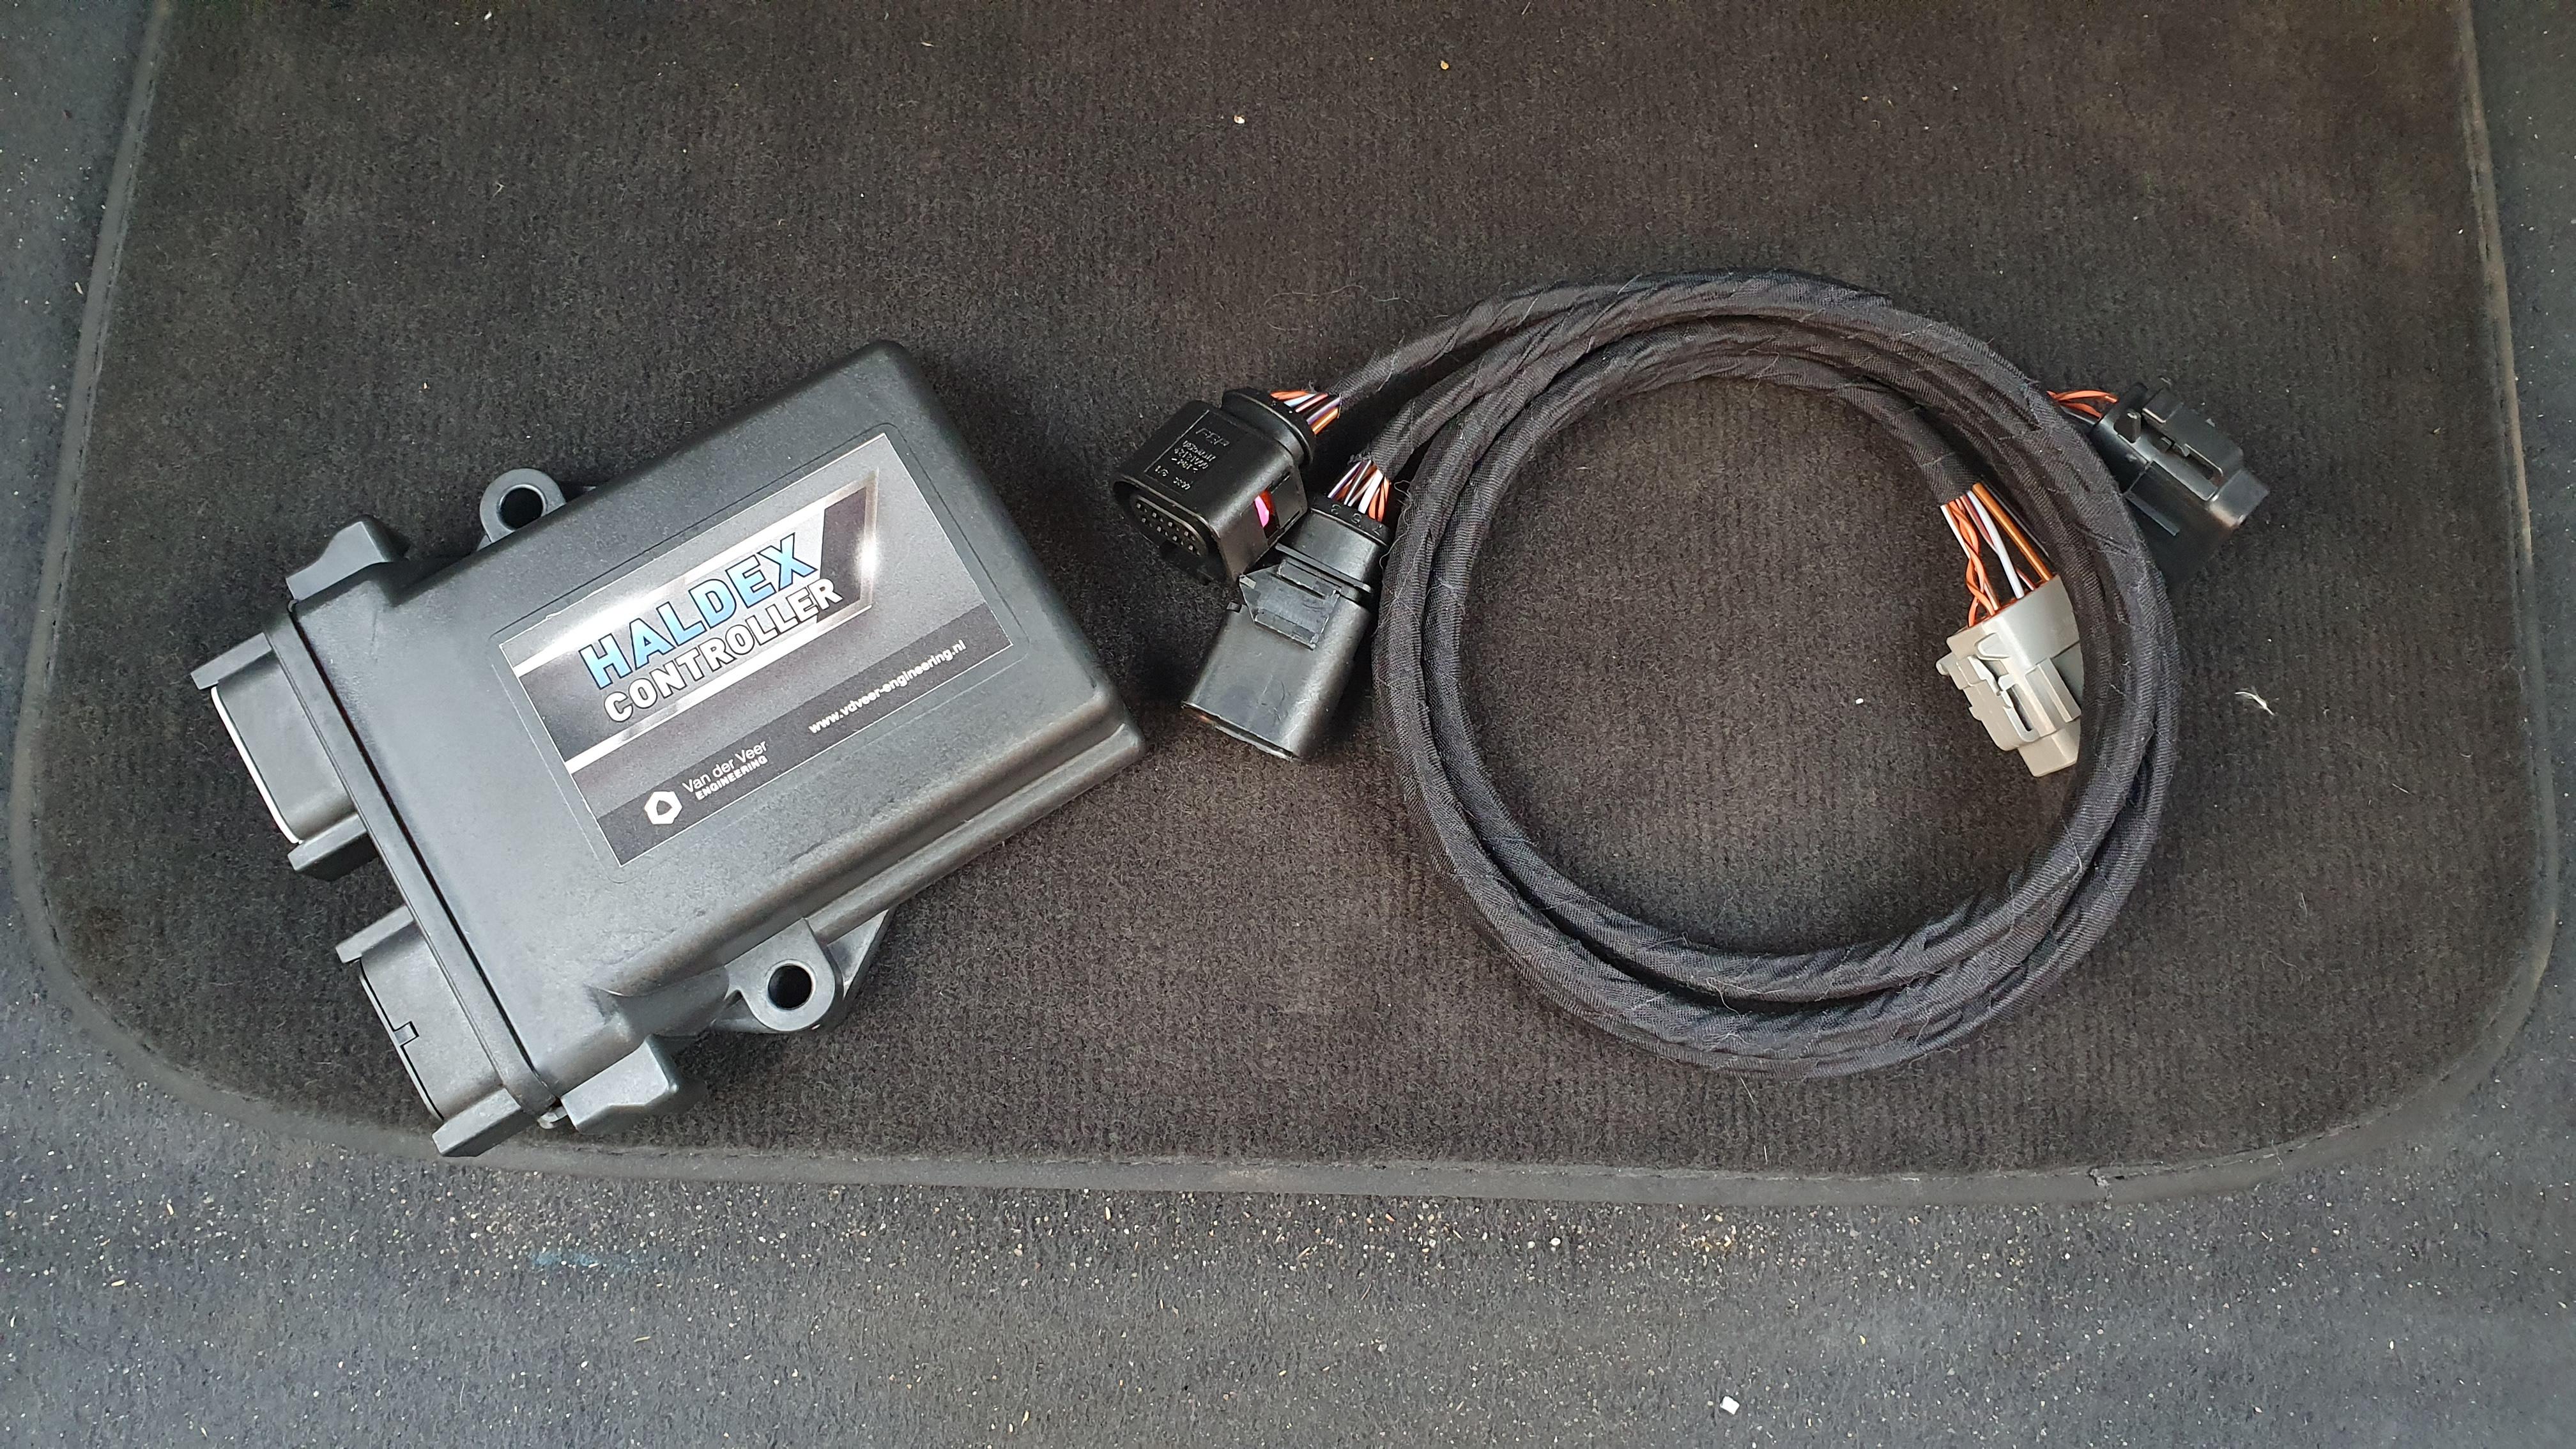 Haldex Controller Gen1 Plug and Play